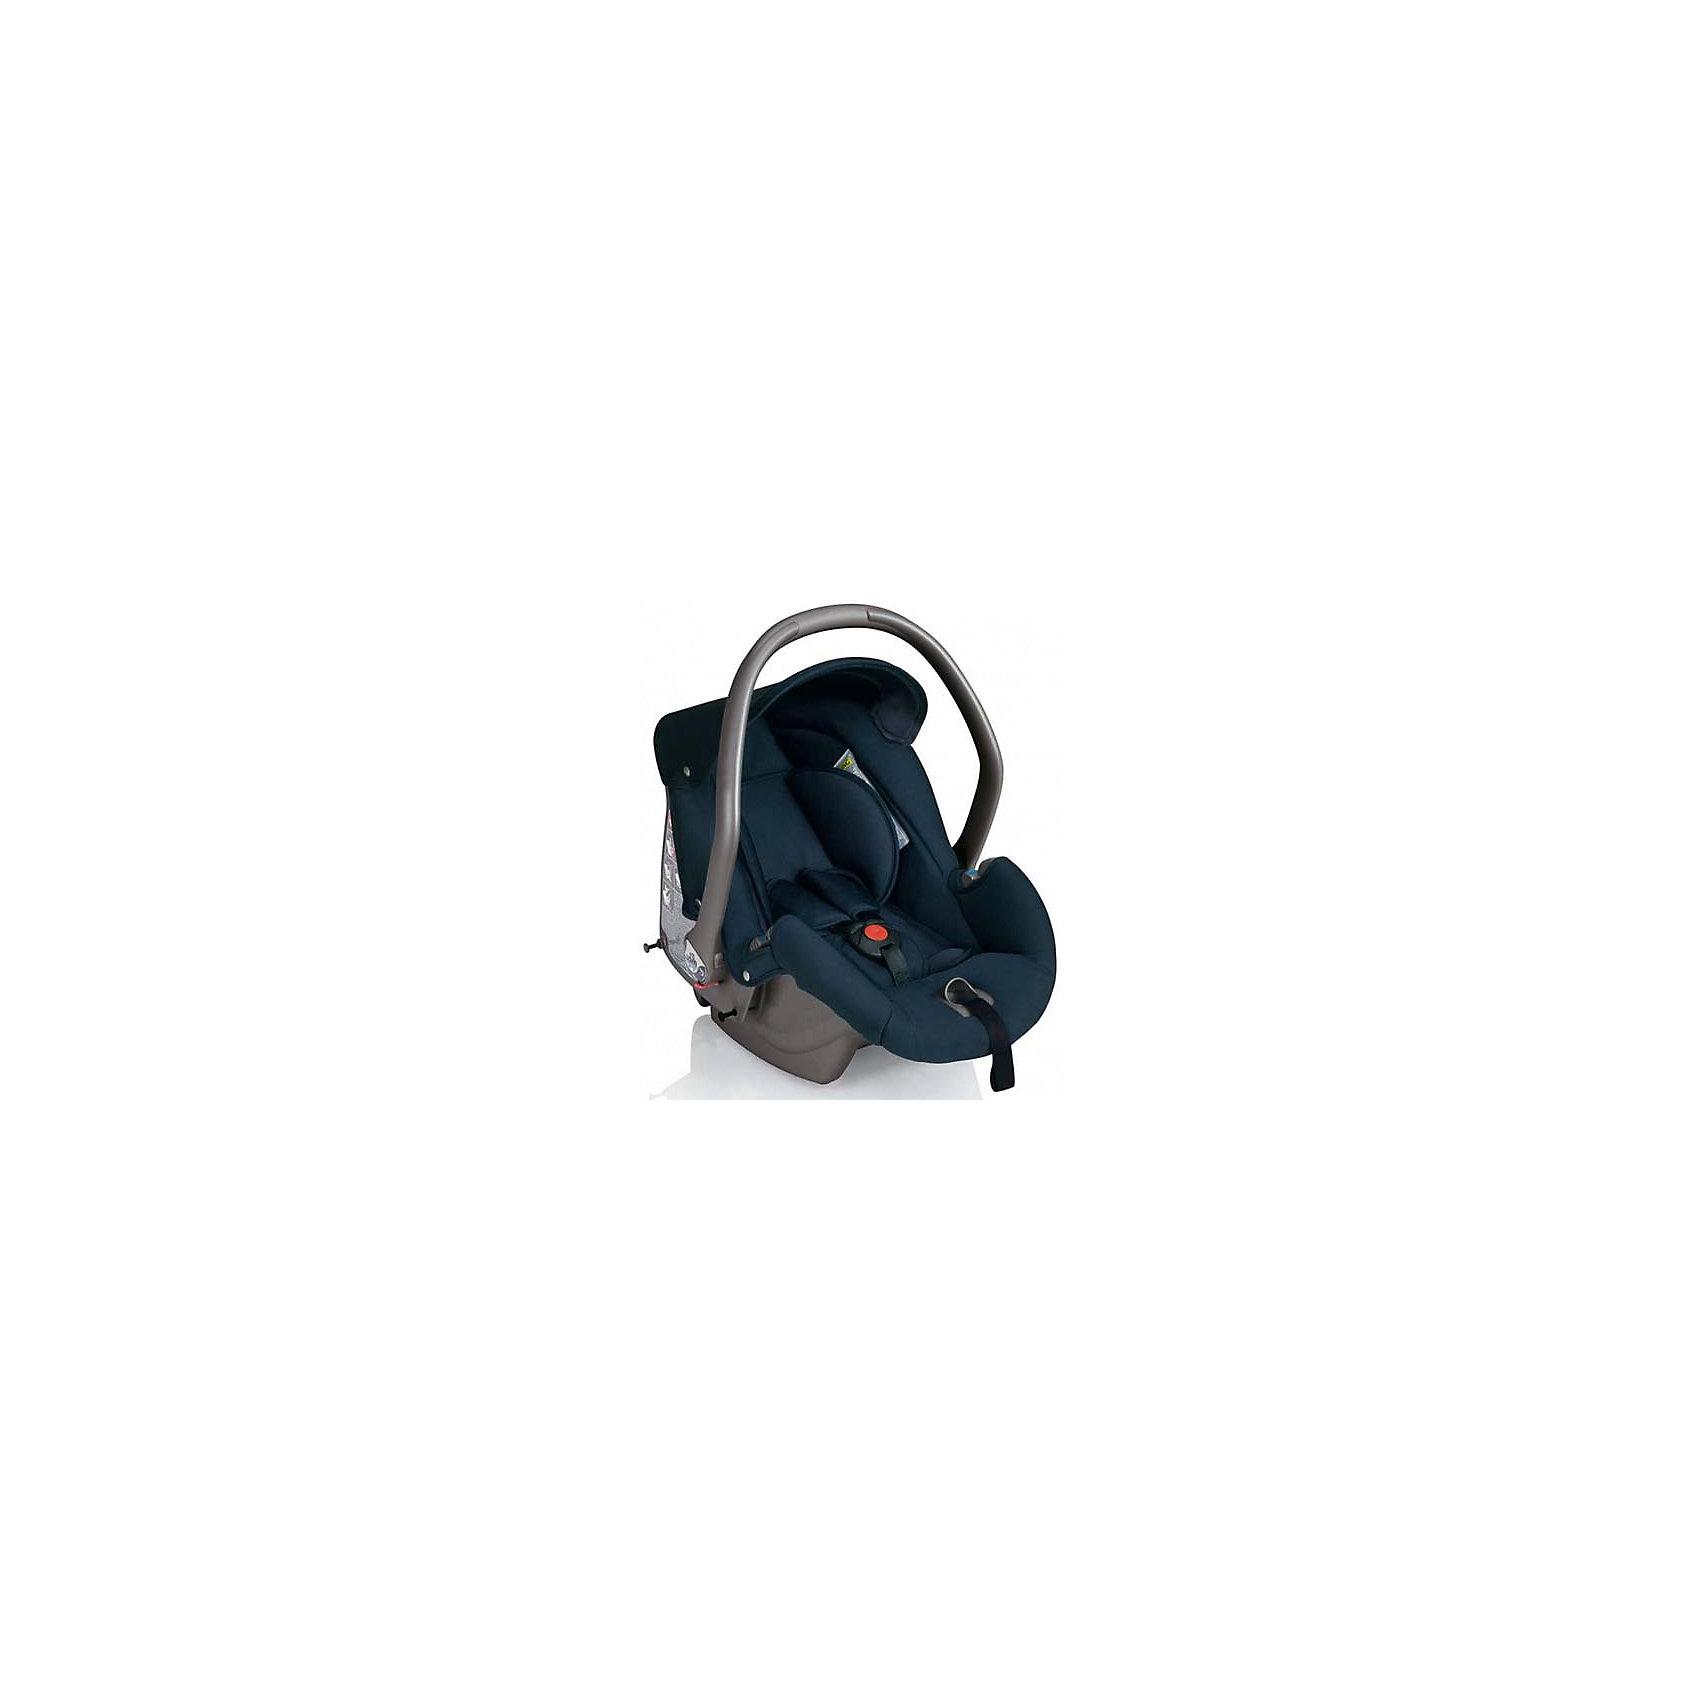 Автокресло CAM Area Zero , 0-13 кг, синийГруппа 0+ (До 13 кг)<br>Легкое, комфортное ипросторное автокресло для самых маленьких сулучшенной, развитой боковой защитой и поддержкой спины. Многопозиционный козырек защищает ребенка отпрямых солнечных лучей. Пятиточечные ремни безопасности с мягкими нескользящими накладками комфортно и надежно удержат малыша. Автокресло имеет практичный механизм для регулирования высоты ремня, регулируемый адаптер для ремня безопасности, основание с опцией качания на нескользящих резиновых ножках, боковые индикаторы правильной установки. Съемный чехол можно стирать в машине на деликатном режиме. <br><br>Дополнительная информация:<br><br>- Материал: пластик, текстиль.<br>- Размер:  58х65х43,5 см.<br>- Вес кресла: 3,1 кг.<br>- Пятиточечные ремни безопасности.<br>- Установка в автомобиле: против хода движения.<br>- Удобная ручка для переноски.<br>- Съемная чехол ( стирка при 30?).<br>- Вес ребенка: 0 - 13 кг (группа 0/1).<br>- Боковая защита.<br>- Поддержка спины. <br>- Регулируемый солнцезащитный козырек.<br>- Возможность установки на переднем и заднем сидении автомобиля.<br>- Монтируется с помощью штатных ремней безопасности автомобиля.<br>- Возможность установки на сиденье автомобиля по ходу его движения при помощи базы с креплением IsoFiх (покупается отдельно).<br>- Возможность установки на любое шасси Cam.<br>- Возможность установки на шасси лицом к маме и наоборот.<br><br>Автокресло Area Zero , 0-13 кг., CAM, синее, можно купить в нашем магазине.<br><br>Ширина мм: 572<br>Глубина мм: 457<br>Высота мм: 659<br>Вес г: 5000<br>Цвет: синий<br>Возраст от месяцев: 0<br>Возраст до месяцев: 12<br>Пол: Унисекс<br>Возраст: Детский<br>SKU: 4443739